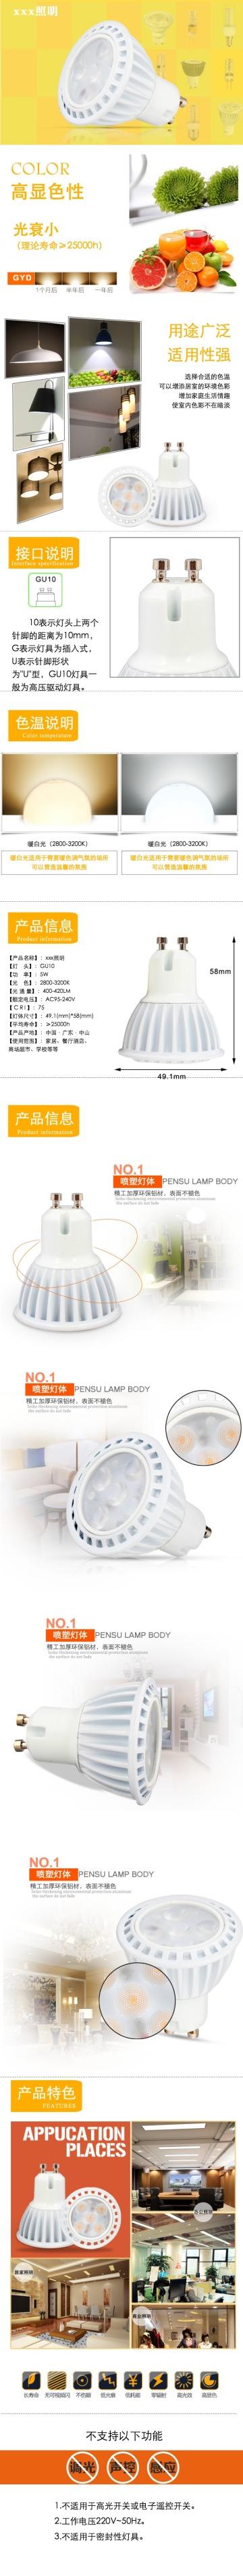 简约清新高性能照明LED电商详情图